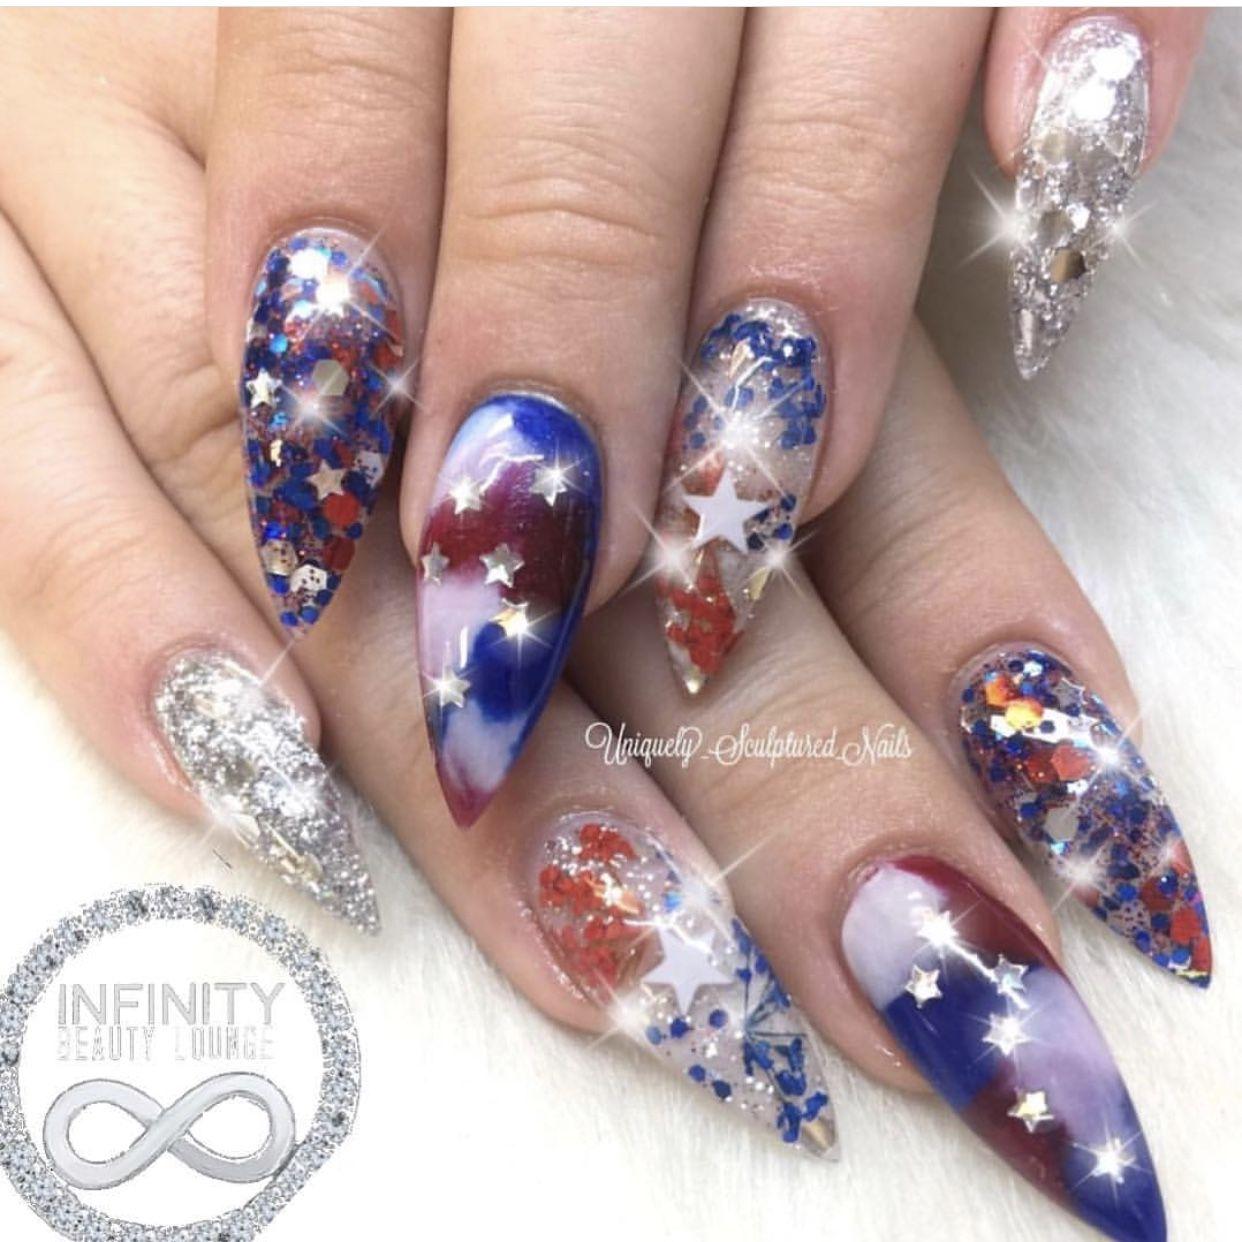 Infinity Beauty Lounge Jax Hair And Nail Salon Swarovski Nails Hair And Nails